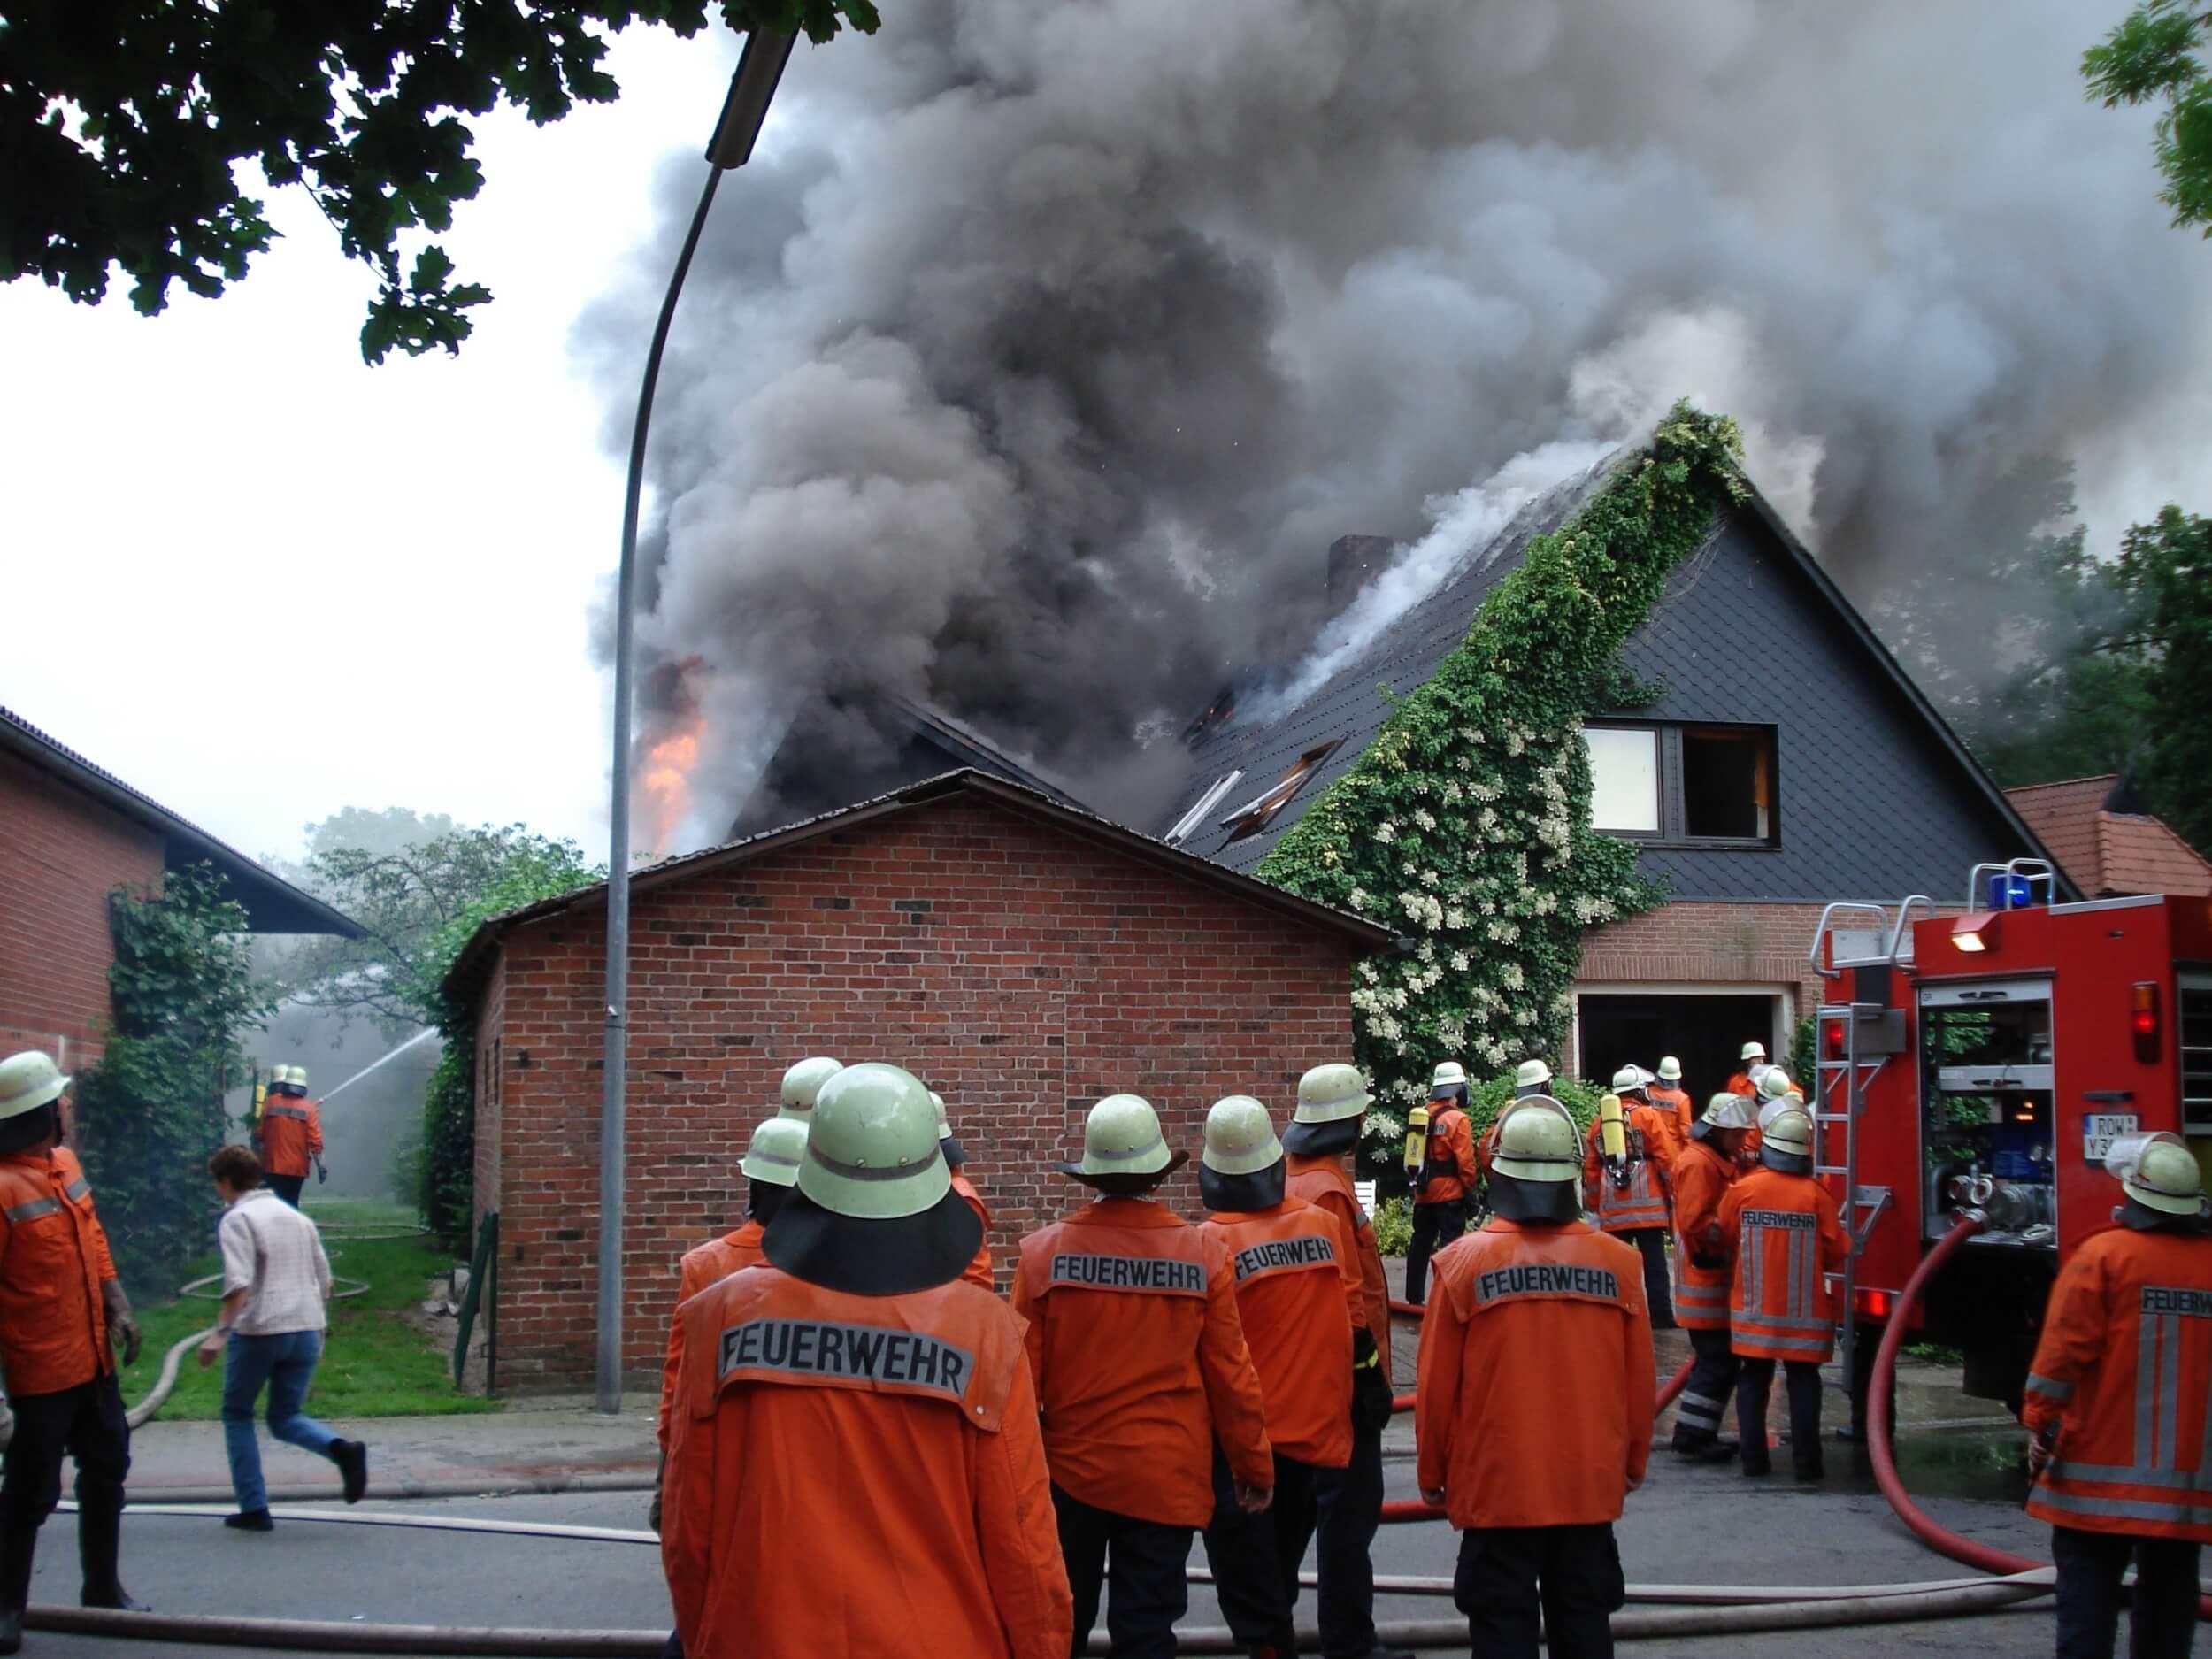 Hausbrand und Feuerwehreinsatz (c) beeki / pixabay.de